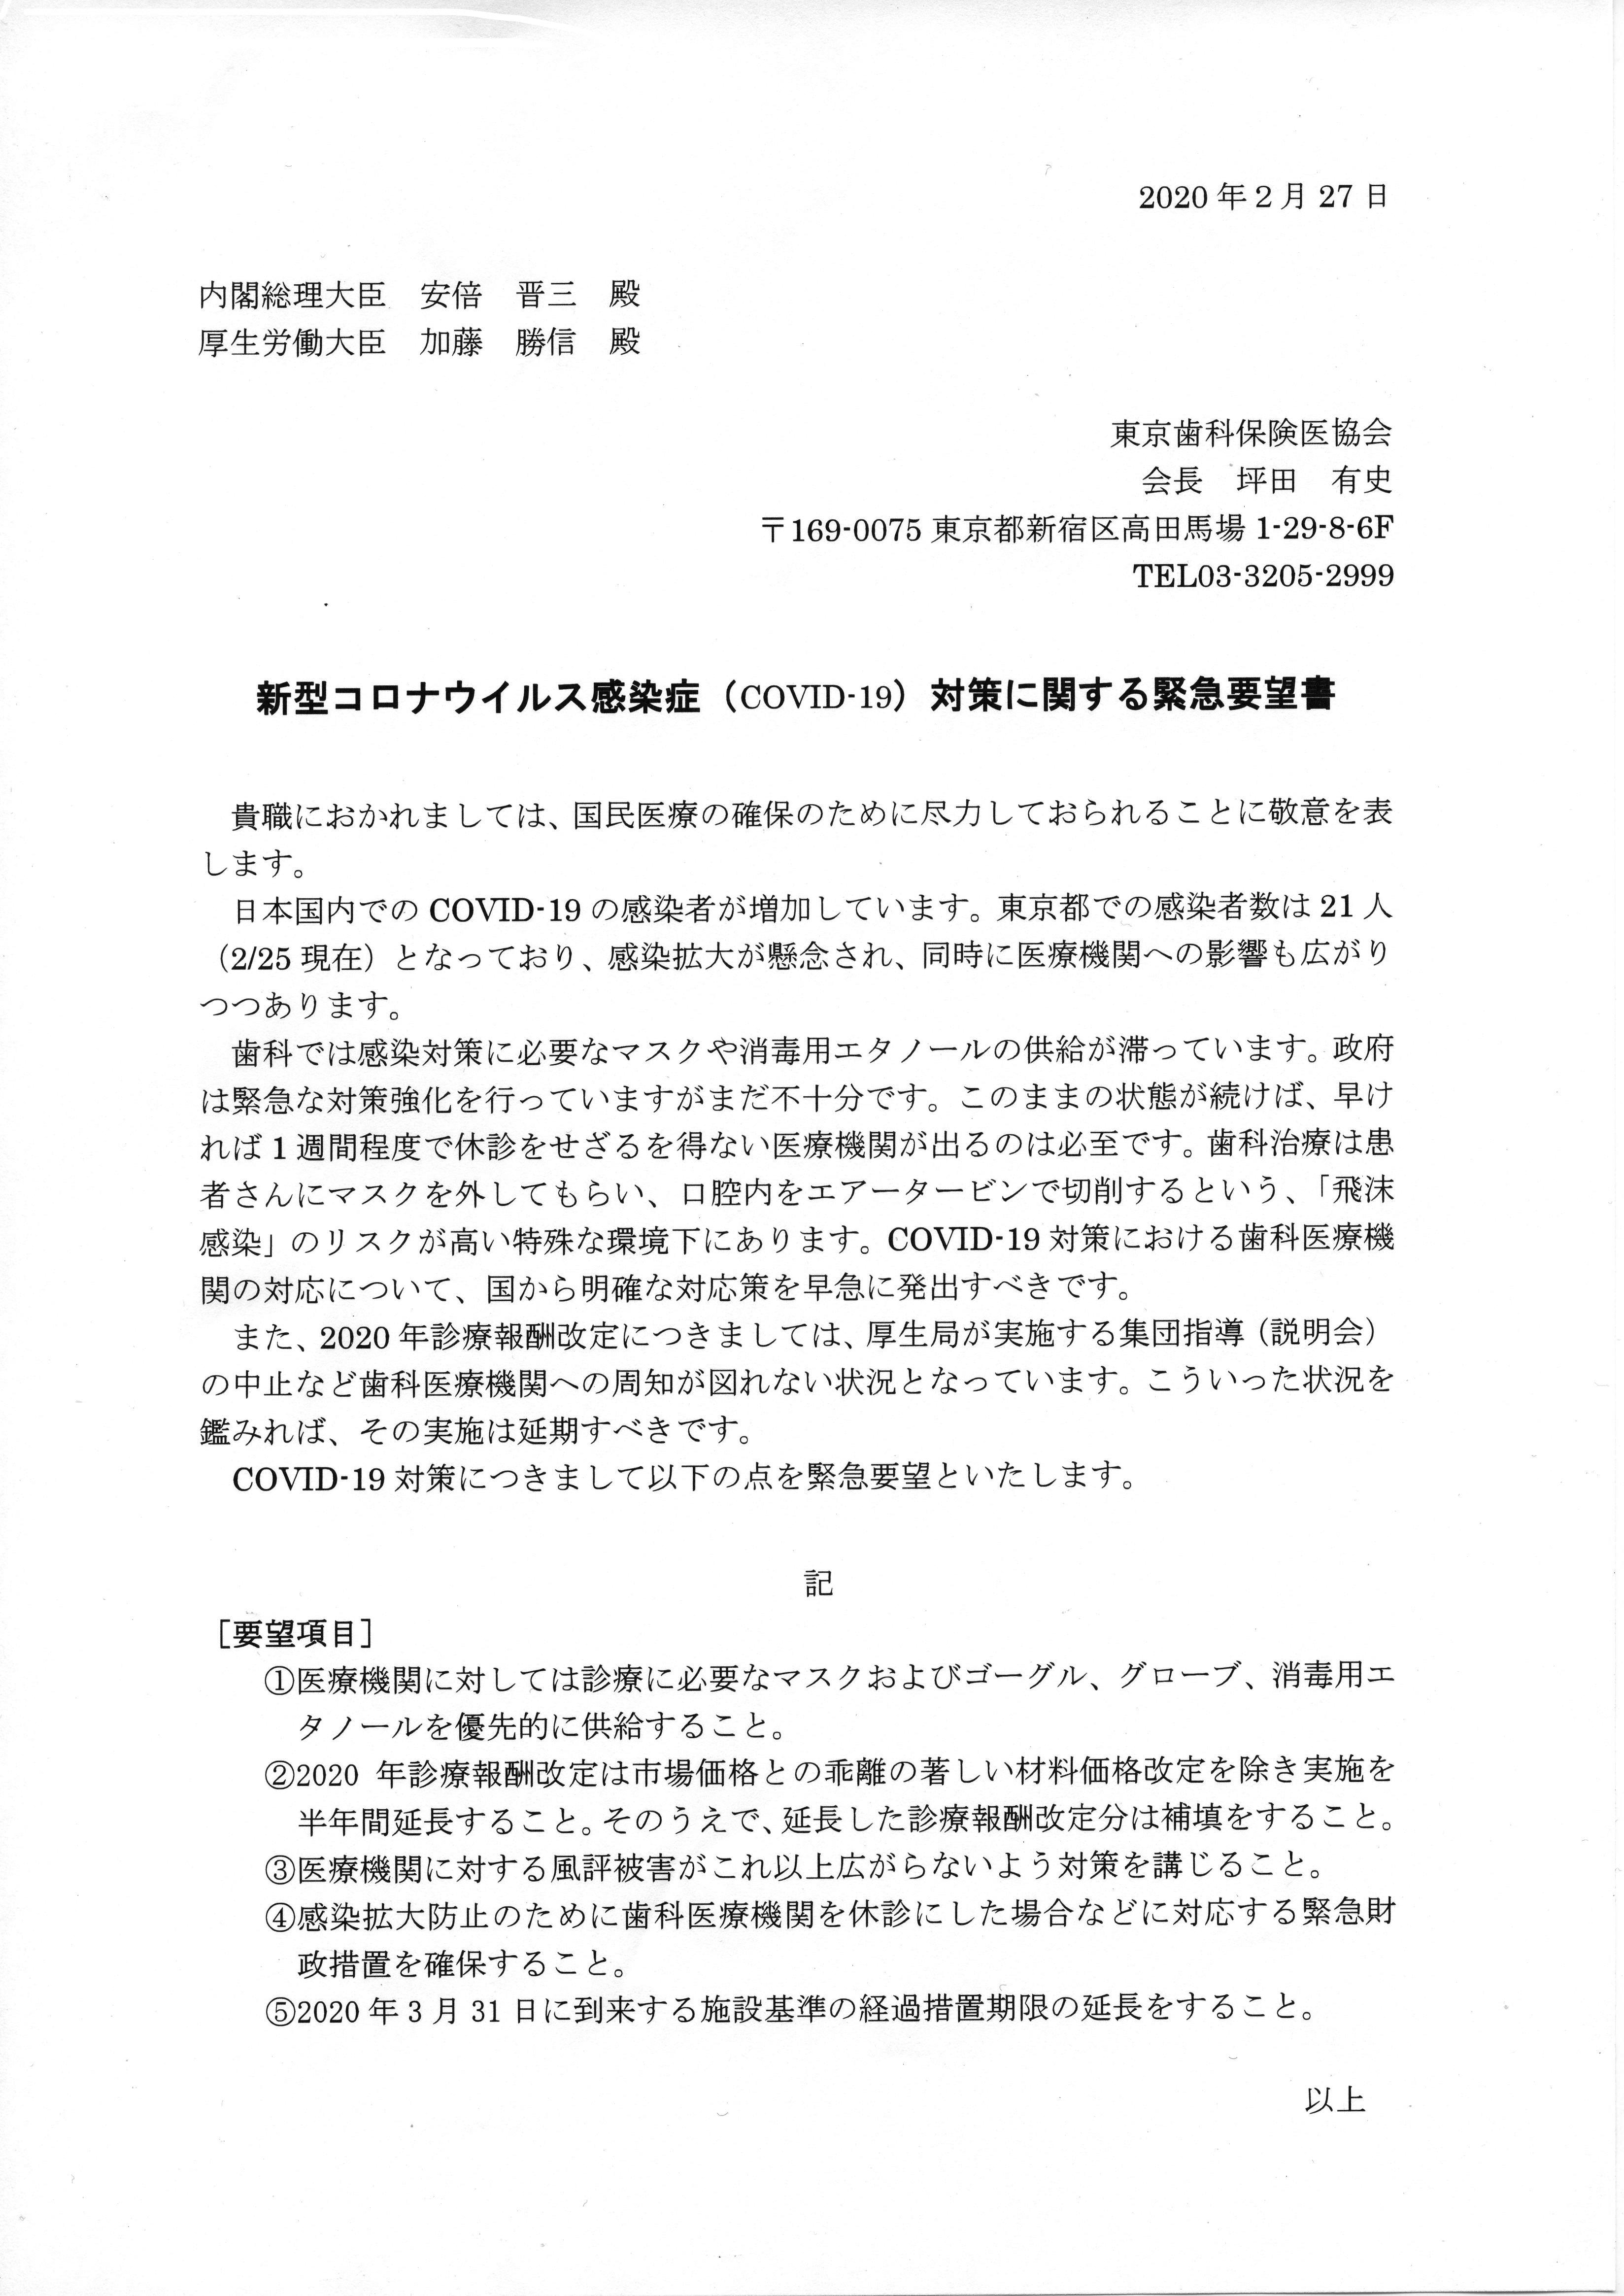 東京 コロナ ウイルス